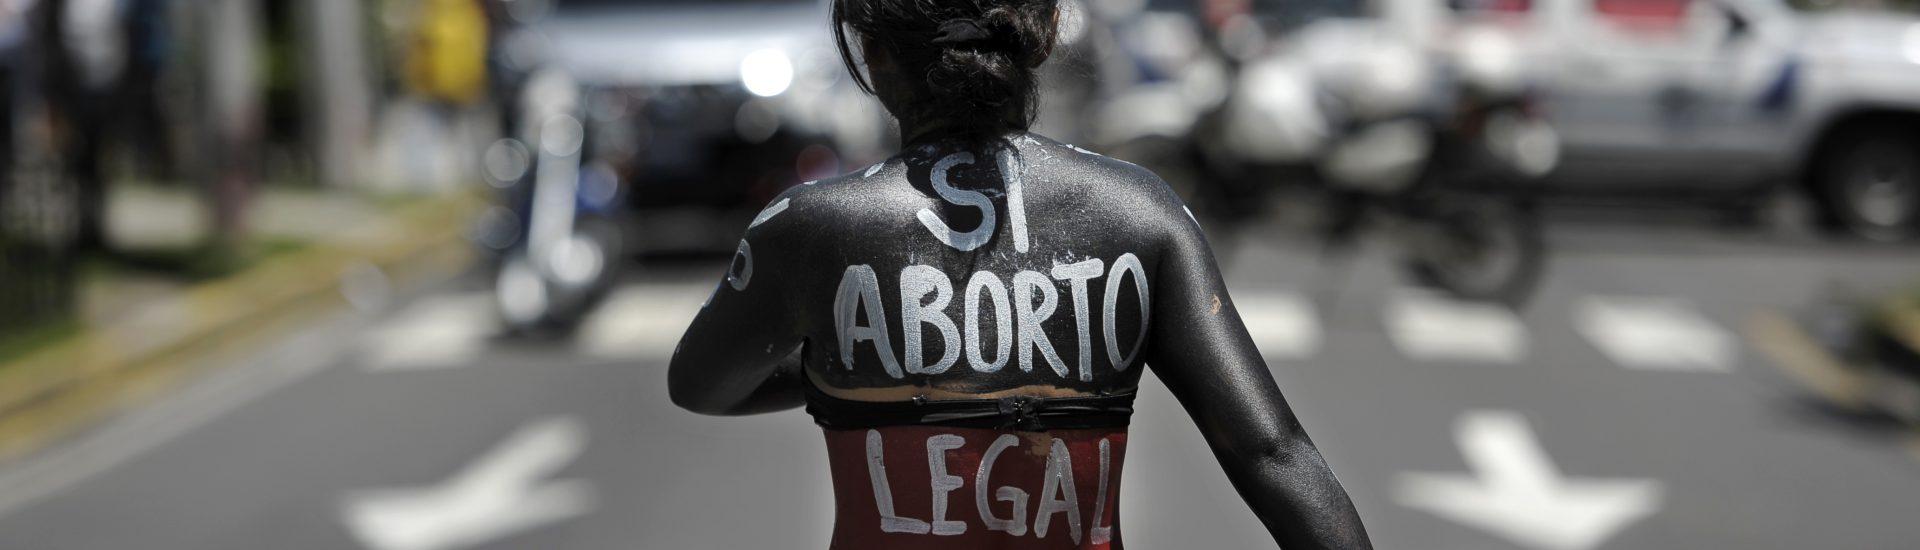 ABC de la despenalización del aborto en Colombia